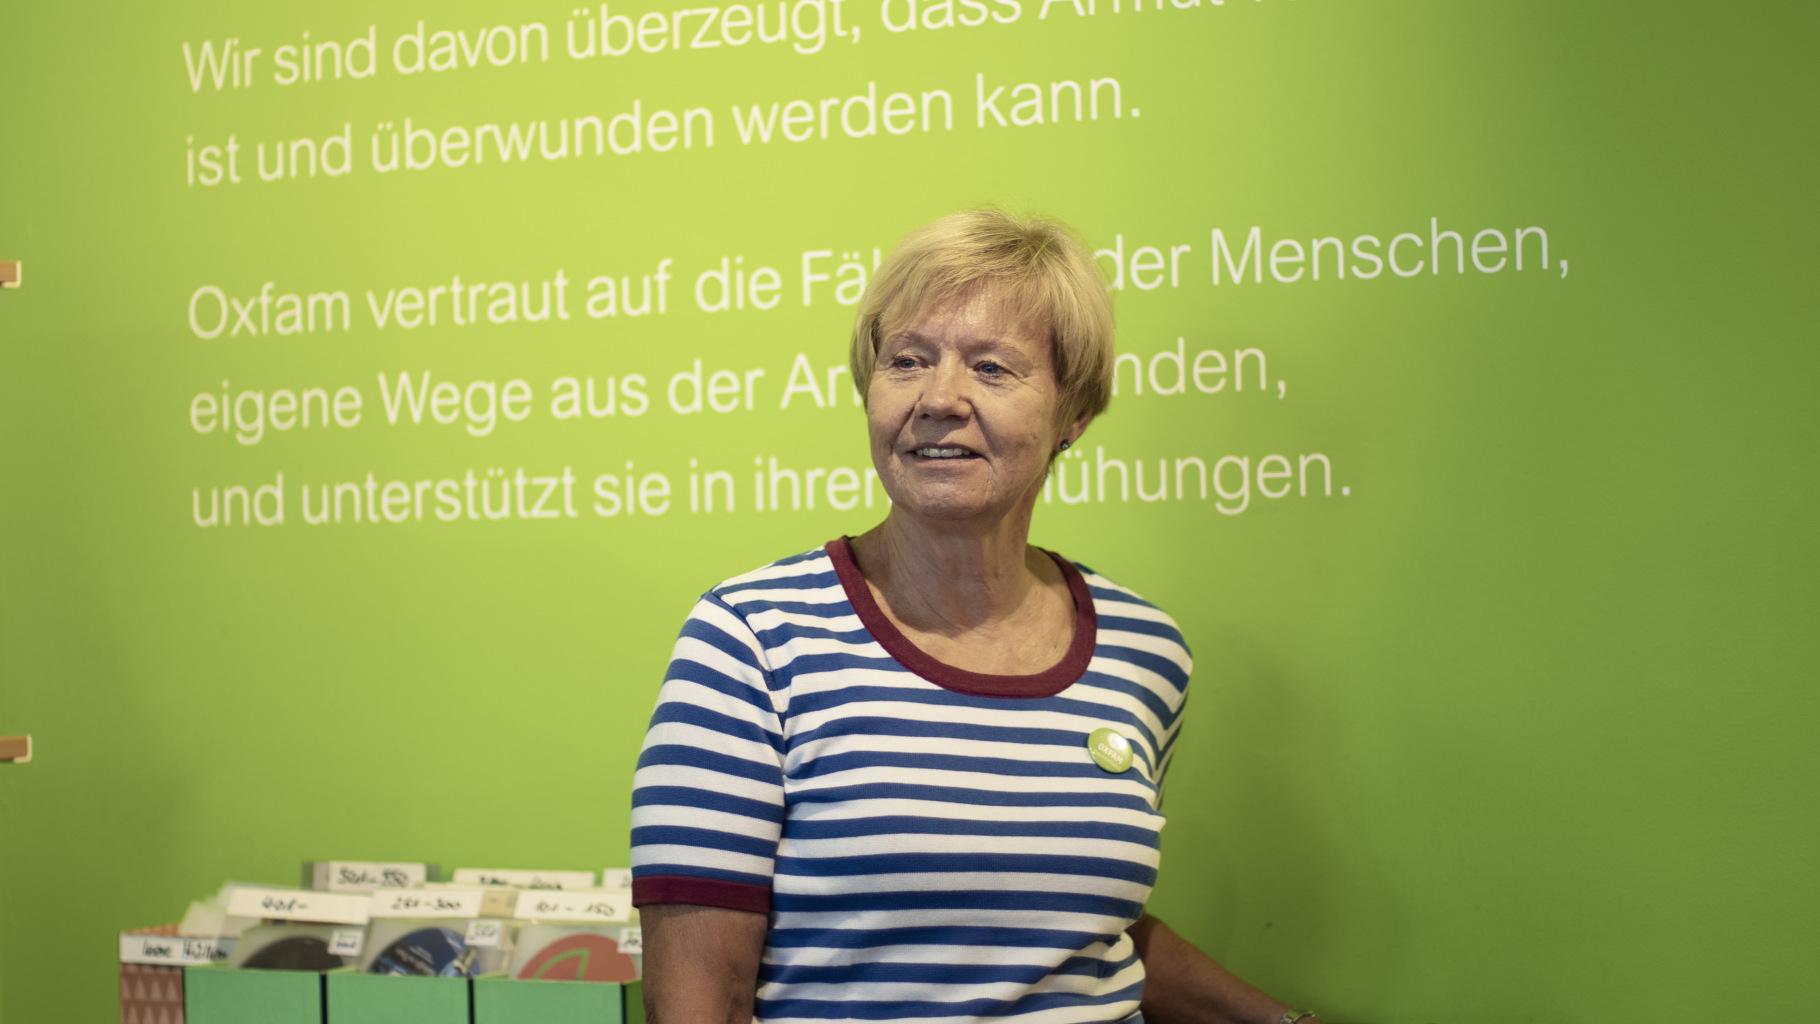 Die Ehrenamtliche Gabriele Sarteh im Oxfam Shop Bonn